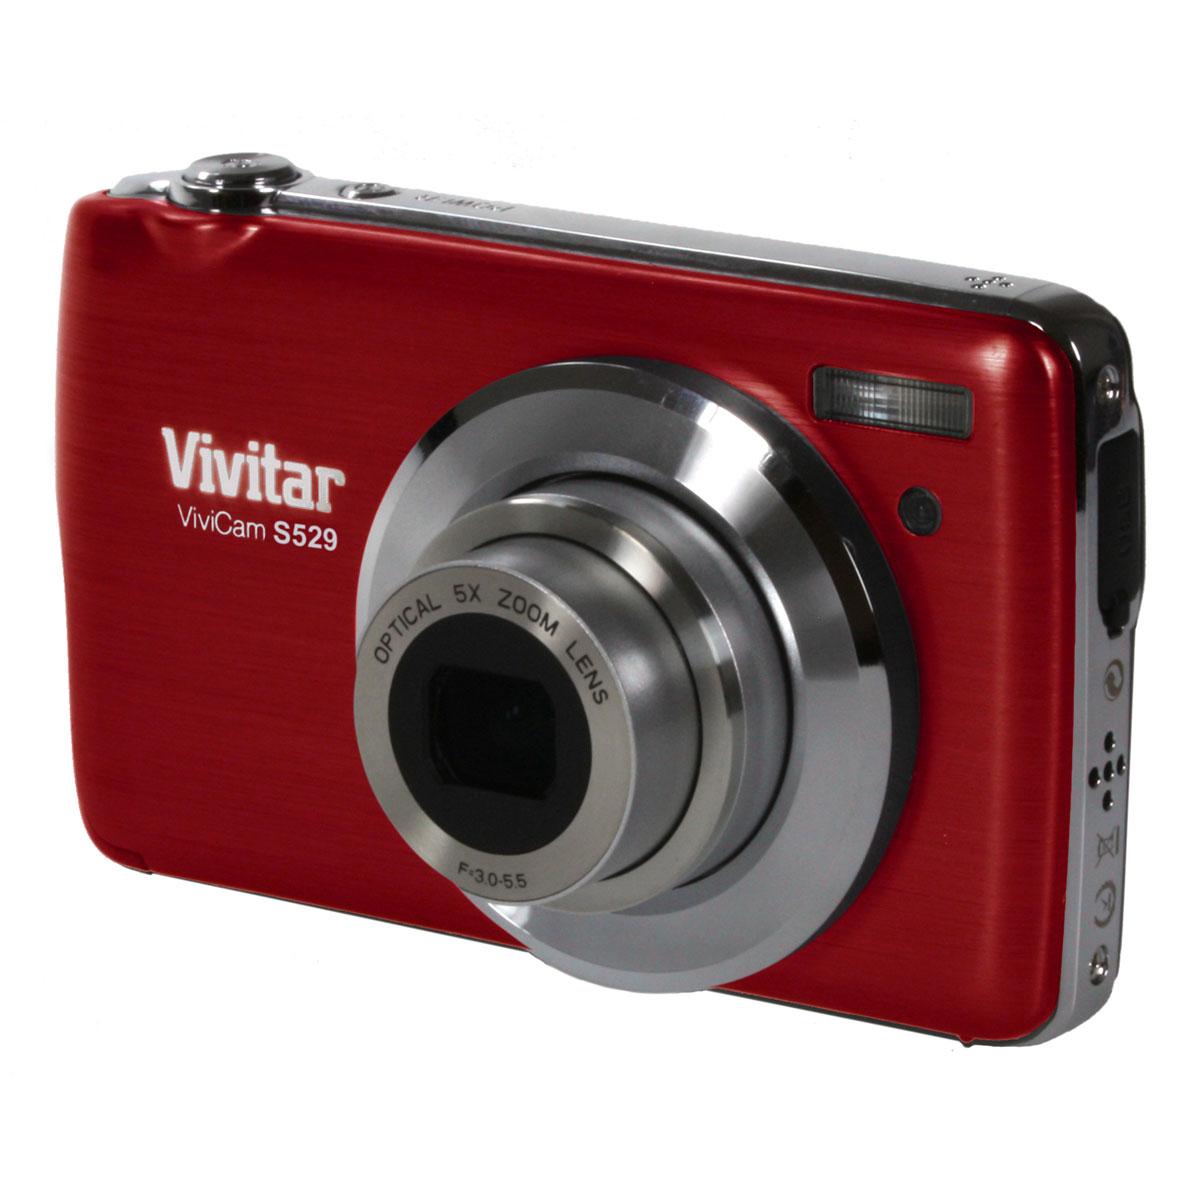 Vivitar vivicam s529 rouge appareil photo num rique for Miroir projector 720p